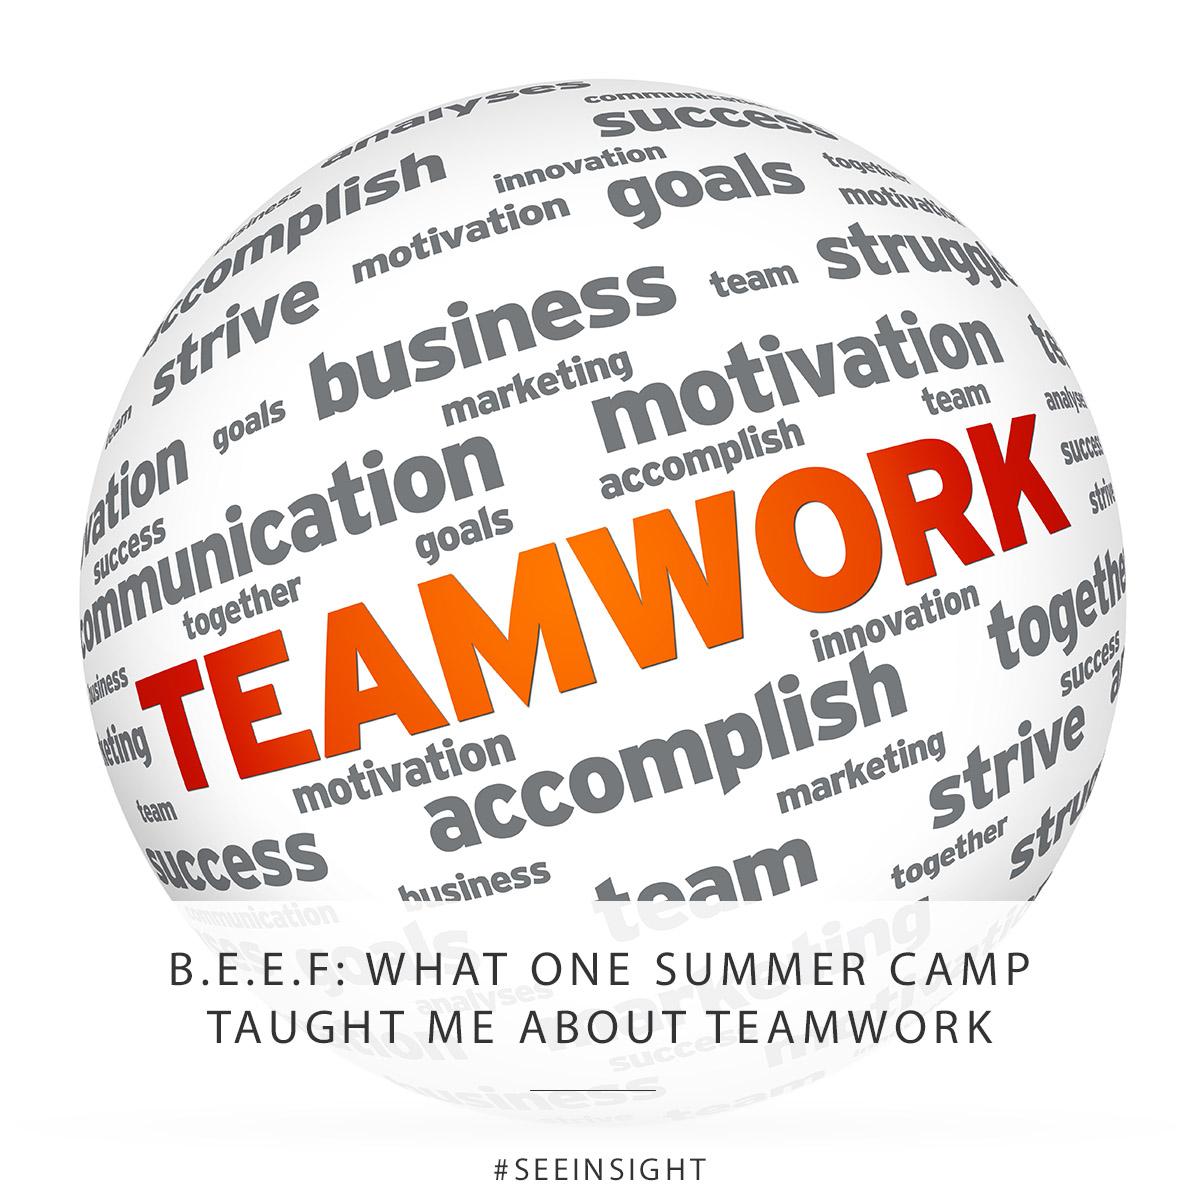 B.E.E.F Teamwork